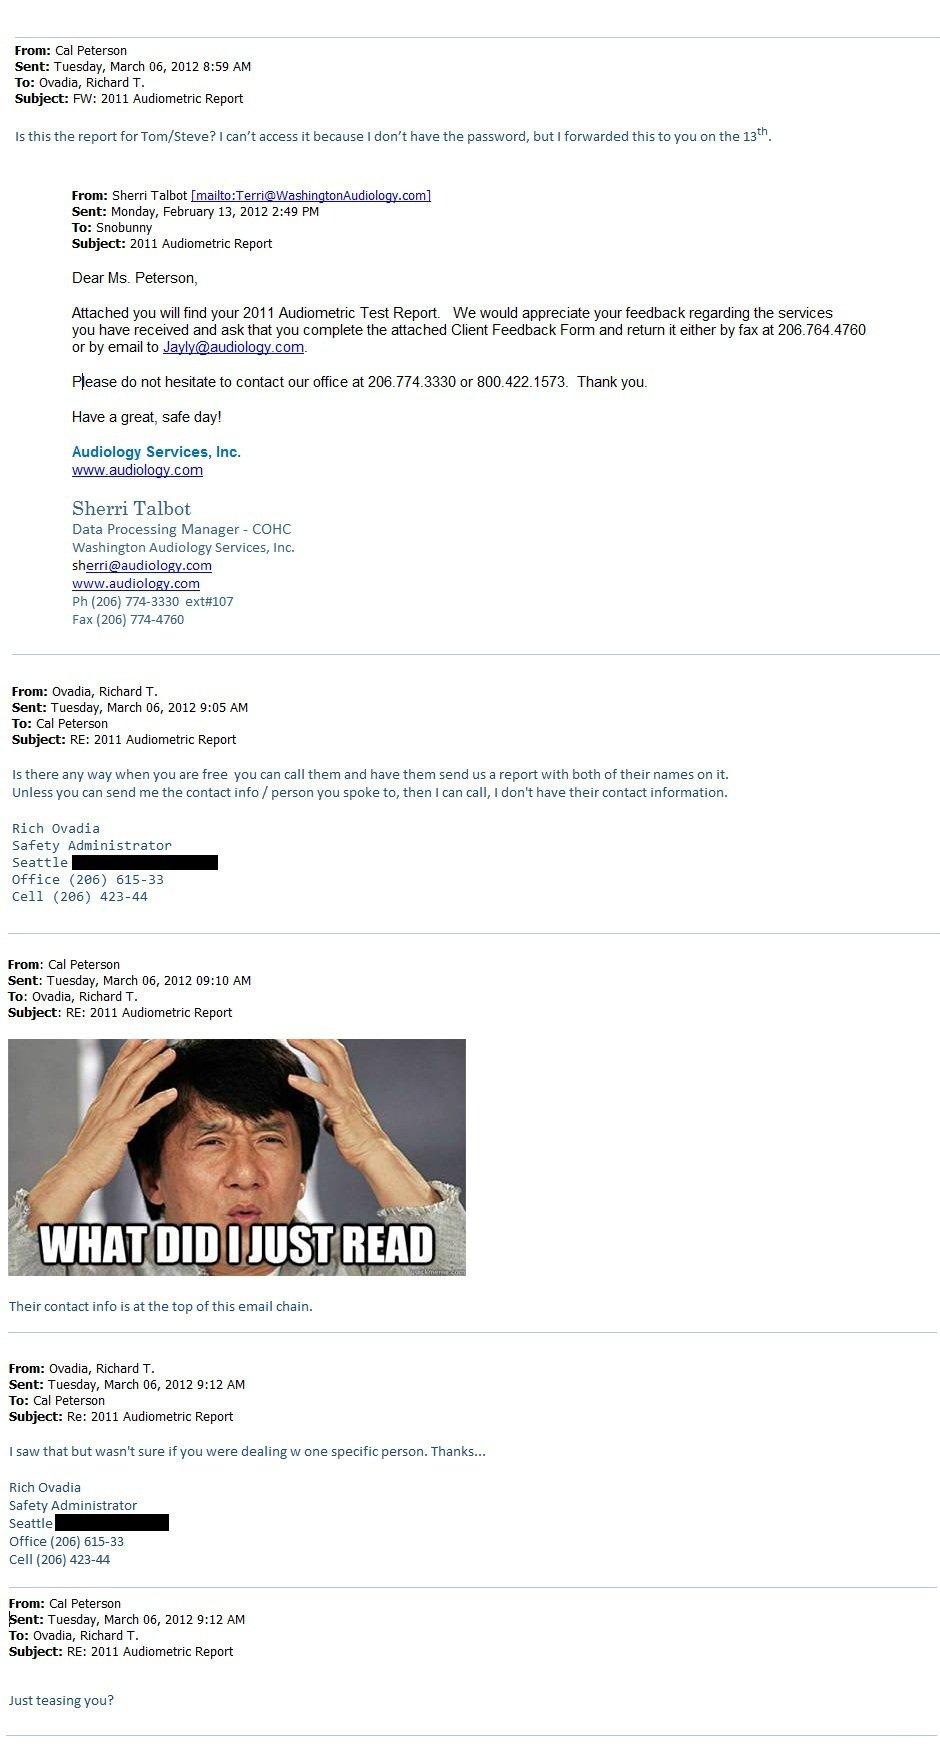 emailchain2